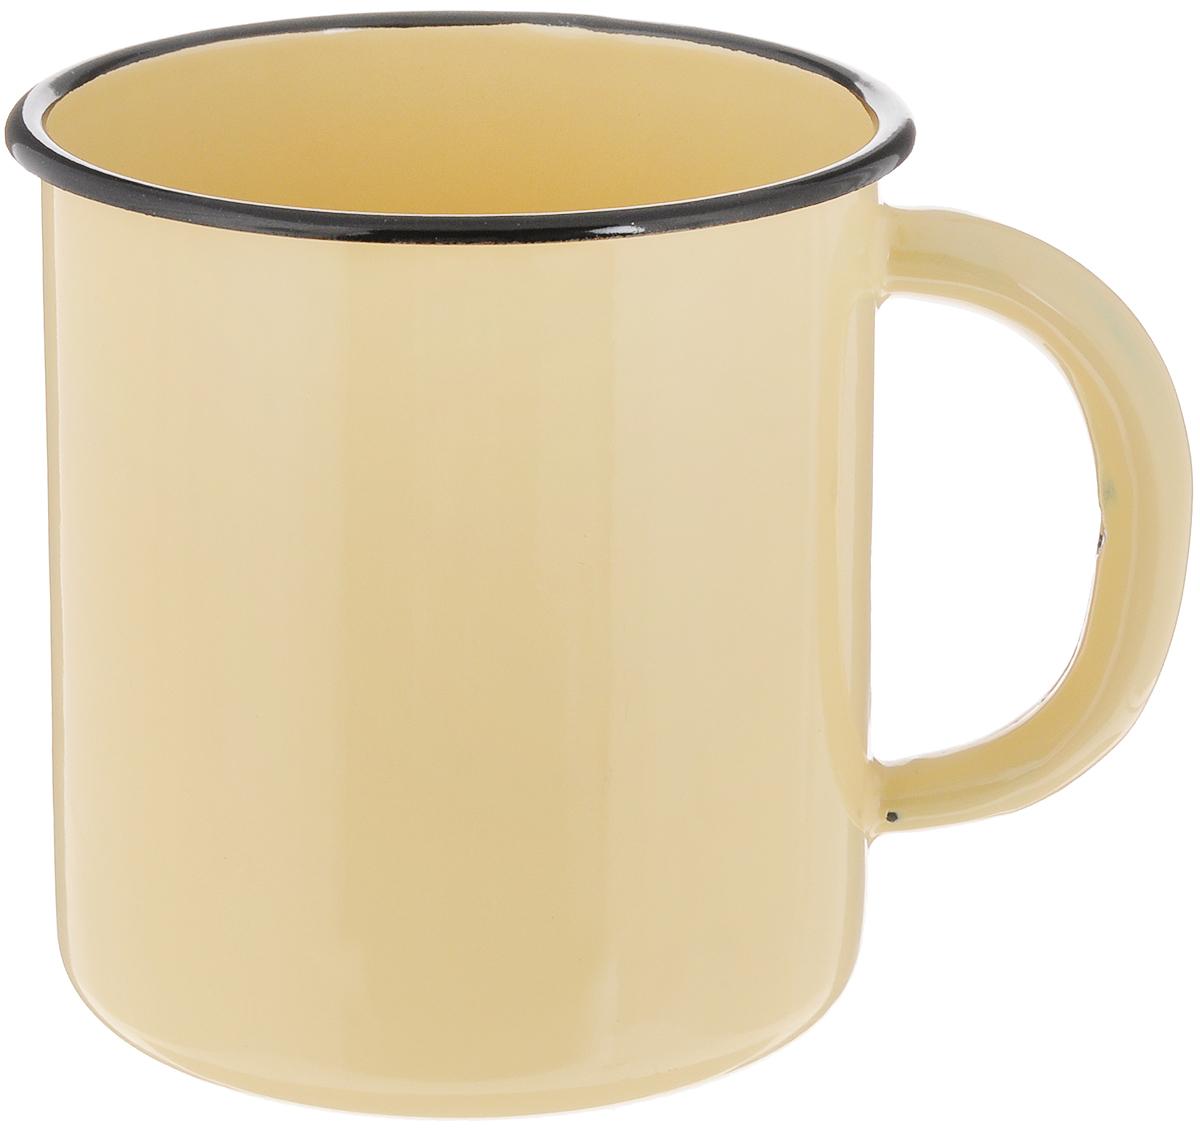 Кружка эмалированная СтальЭмаль, цвет: желтый, черный, 1 л кружка кастет цвет черный серебристый